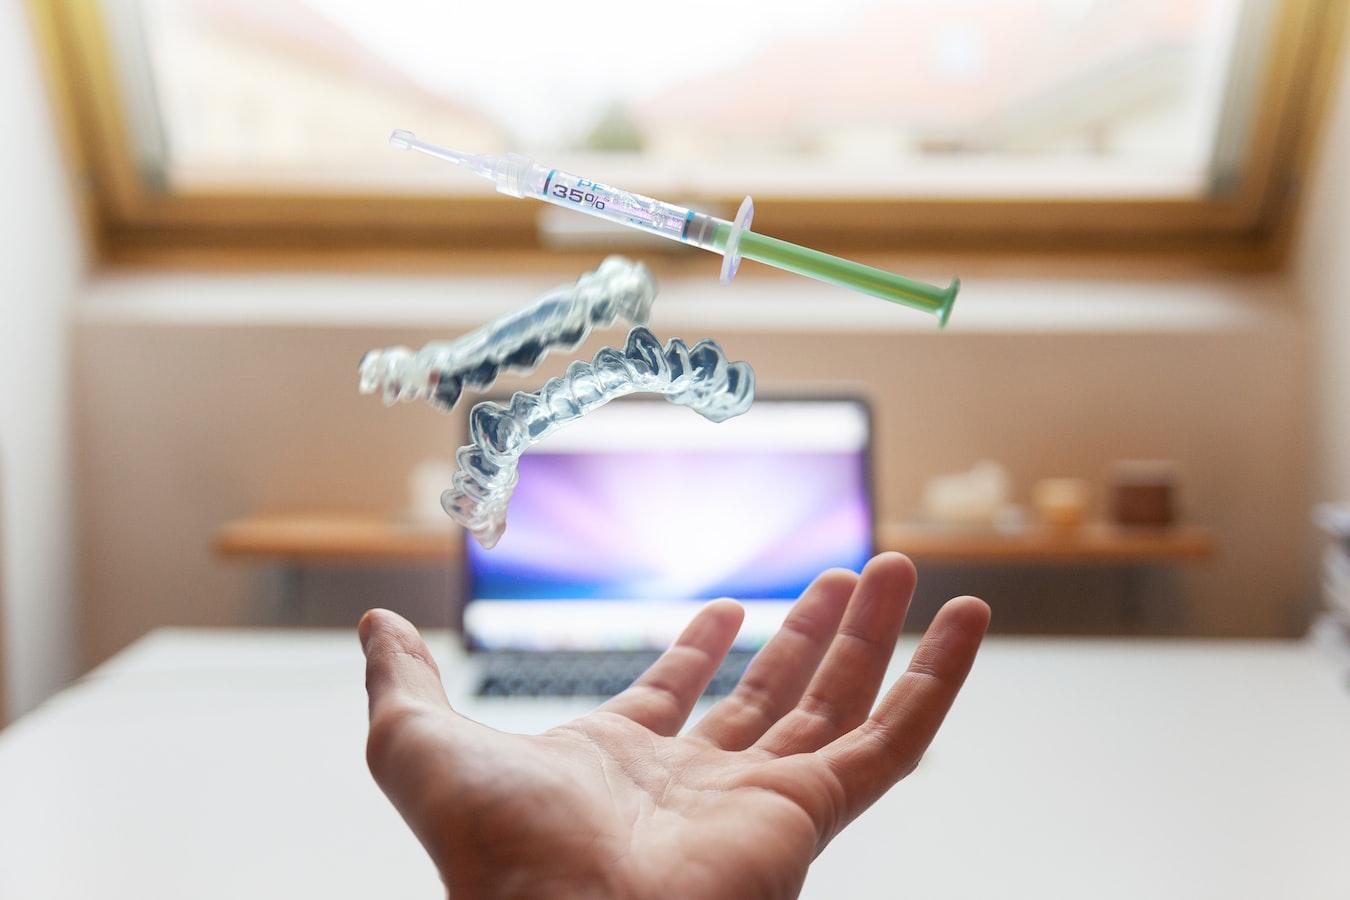 【影片】朝向精準健康發展!謝邦昌教授分析全球 AI 醫療趨勢